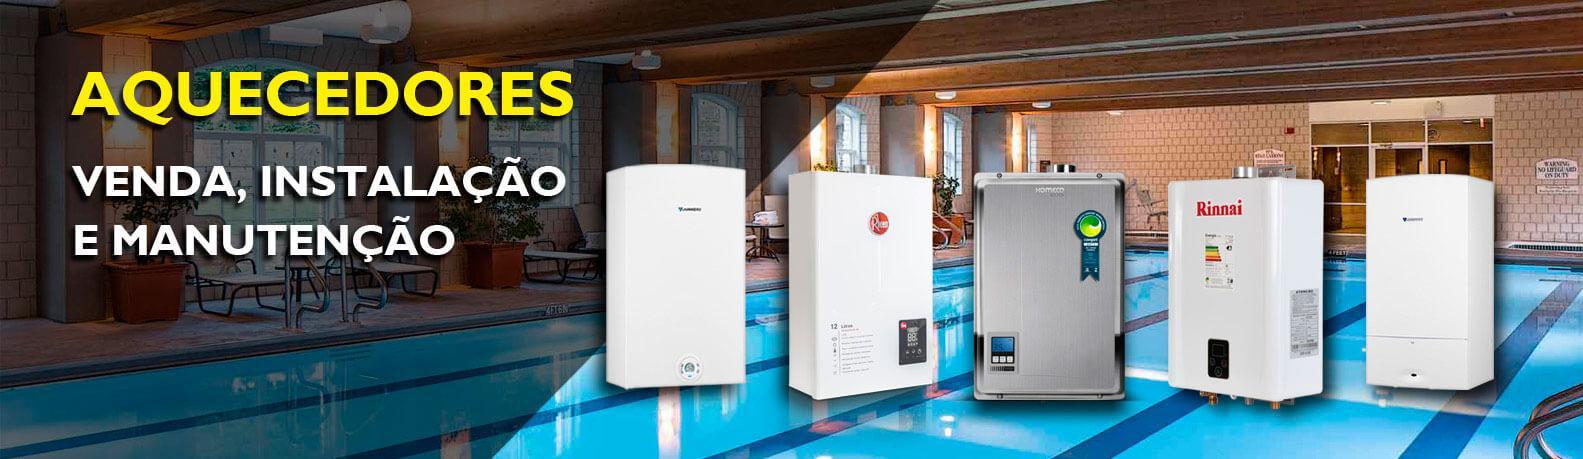 aquecedores venda, instalação e manutenção em SP